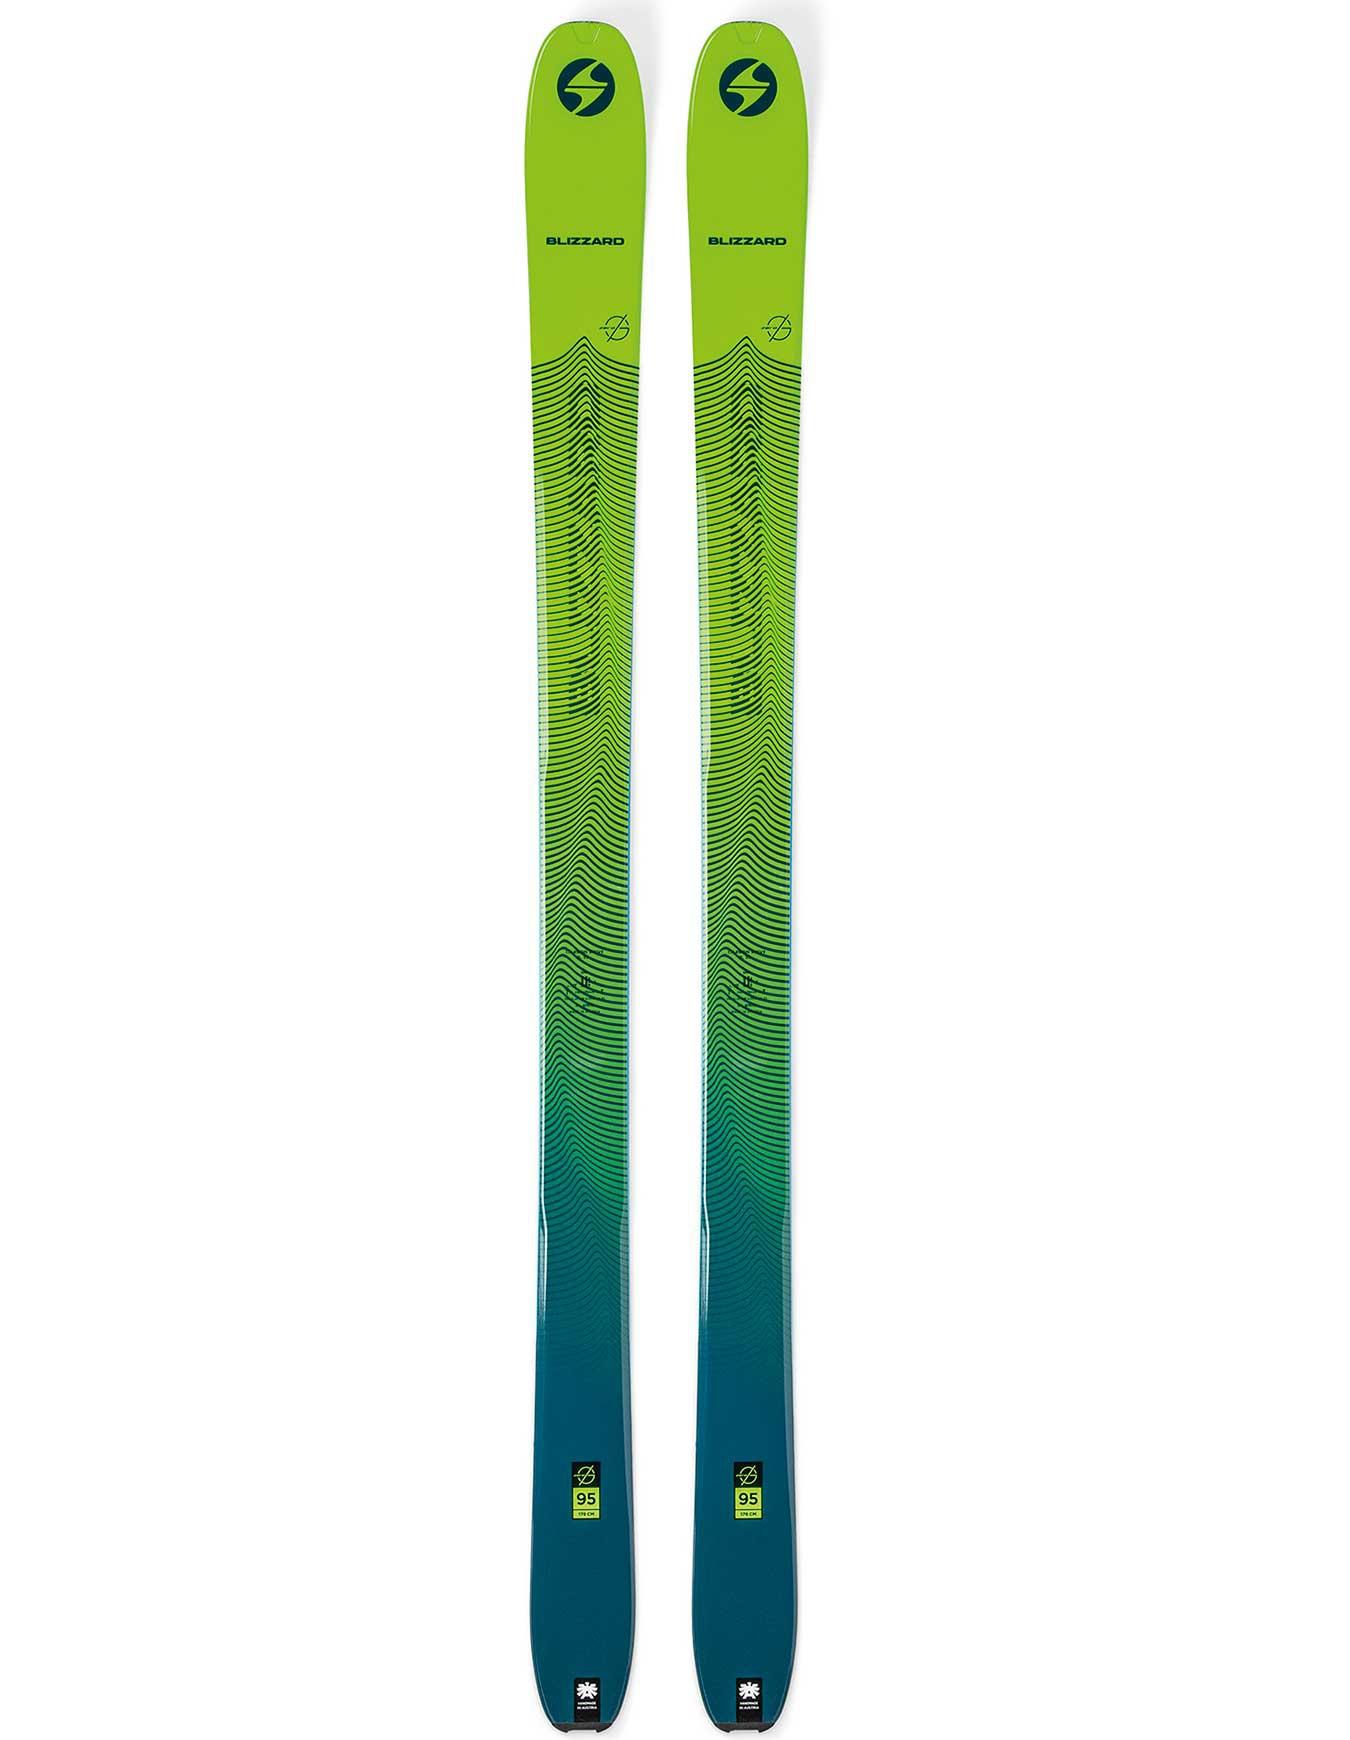 Cadre en Aluminium 30 Pouces Zerone Raquettes /à Neige Ski de Randonn/ée pour Raquettes /à Neige Adulte Raquette /à Neige Sports dhiver avec Fixations R/églables en PE